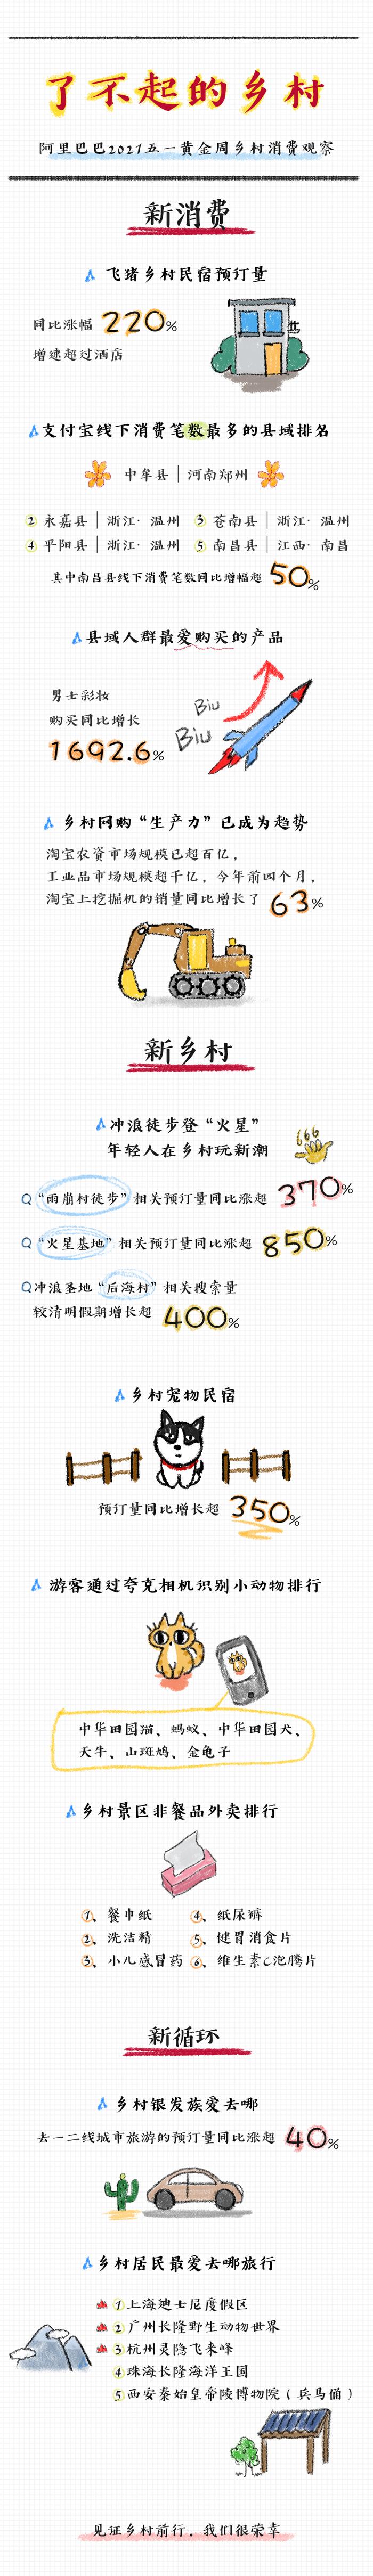 """小镇""""男颜经济""""崛起 ,""""新、热、土""""点燃五一新消费"""